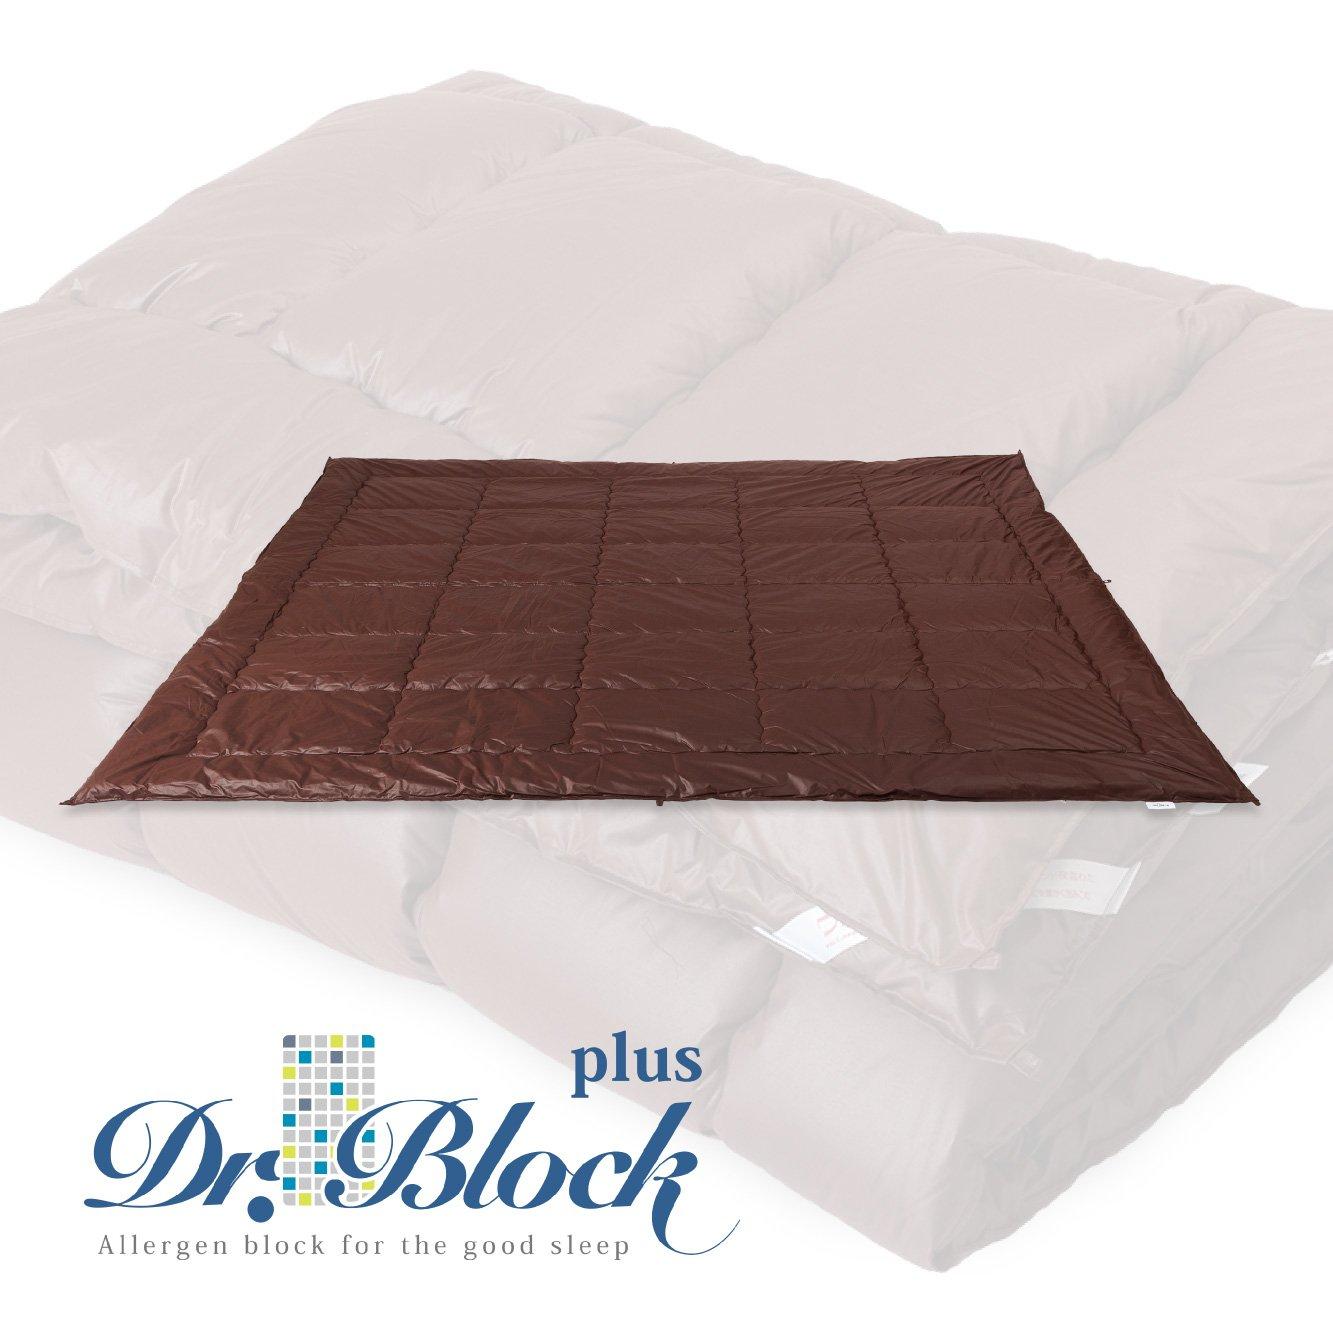 ドクターブロック Dr.Block 国産  防ダニ 肌布団 ダブルサイズ B06XDMMDF4